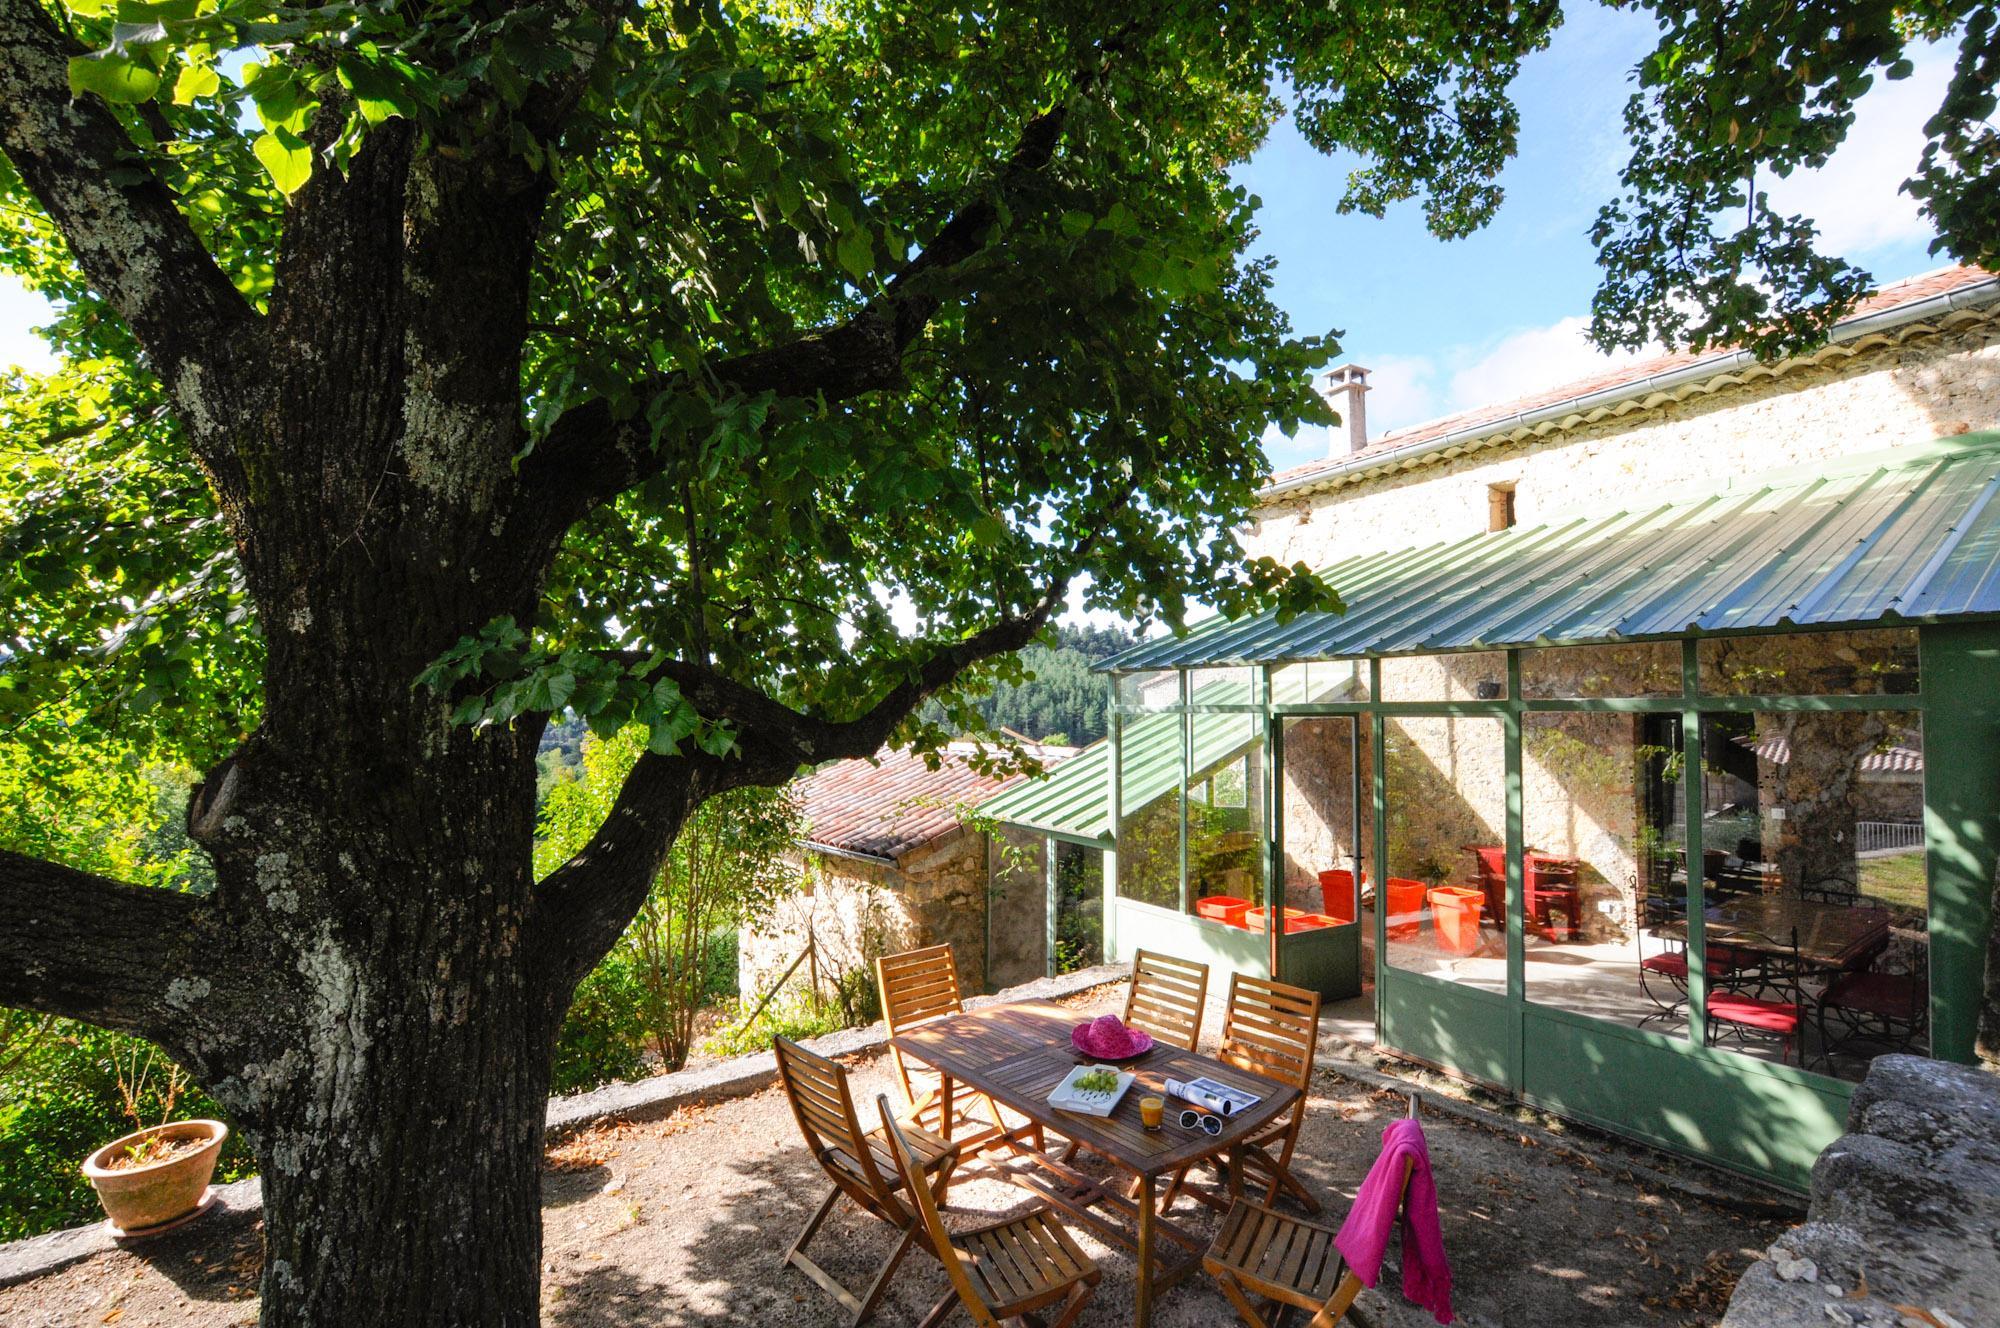 Location - La Maison D'hermine - Camping Domaine Les Ranchisses